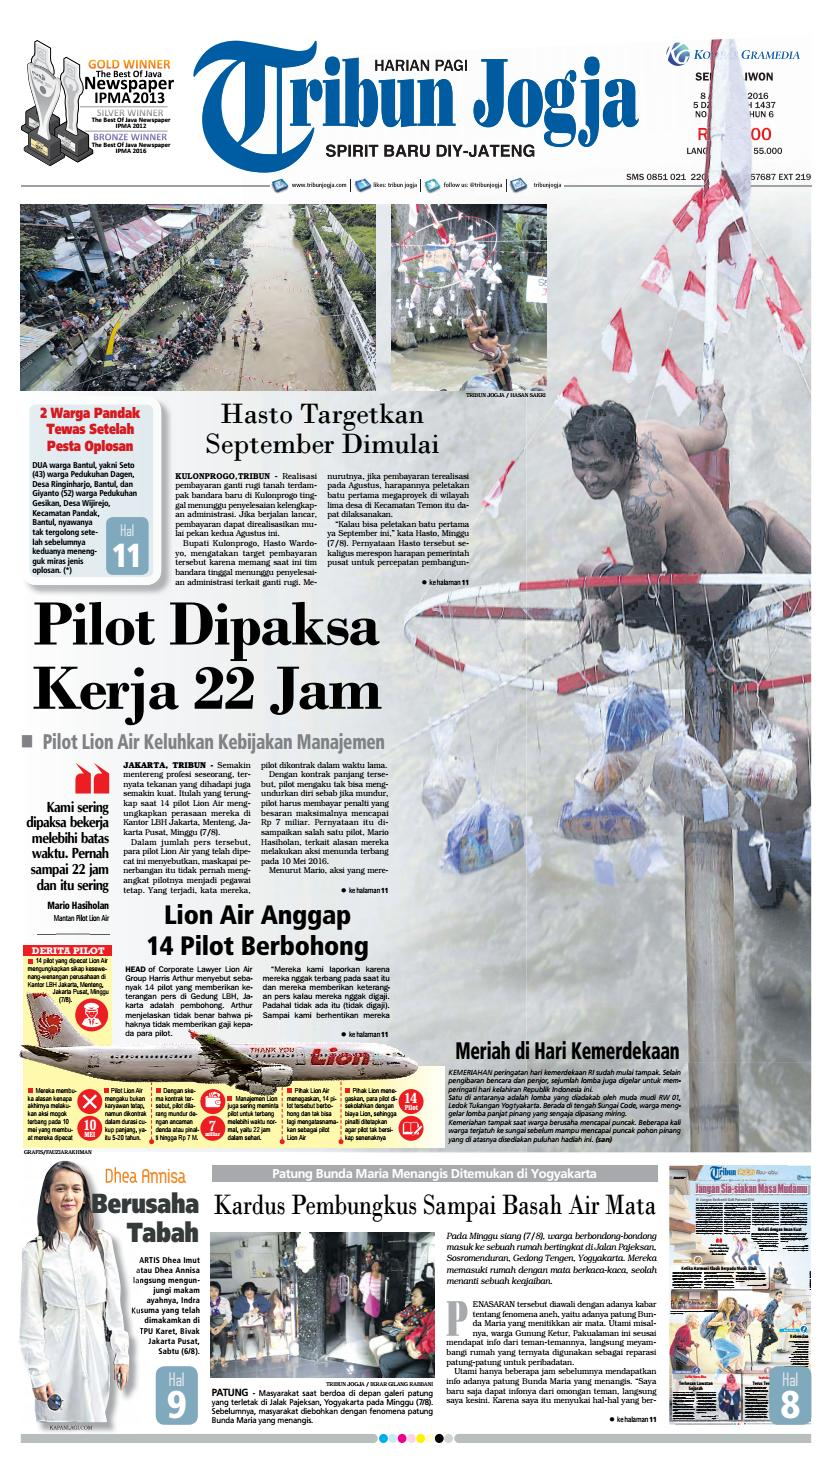 Tribunjogja 08 2016 By Tribun Jogja Issuu Produk Ukm Bumn Pusaka Coffee 15 Pcs Kopi Herbal Nusantara Free Ongkir Depok Ampamp Jakarta